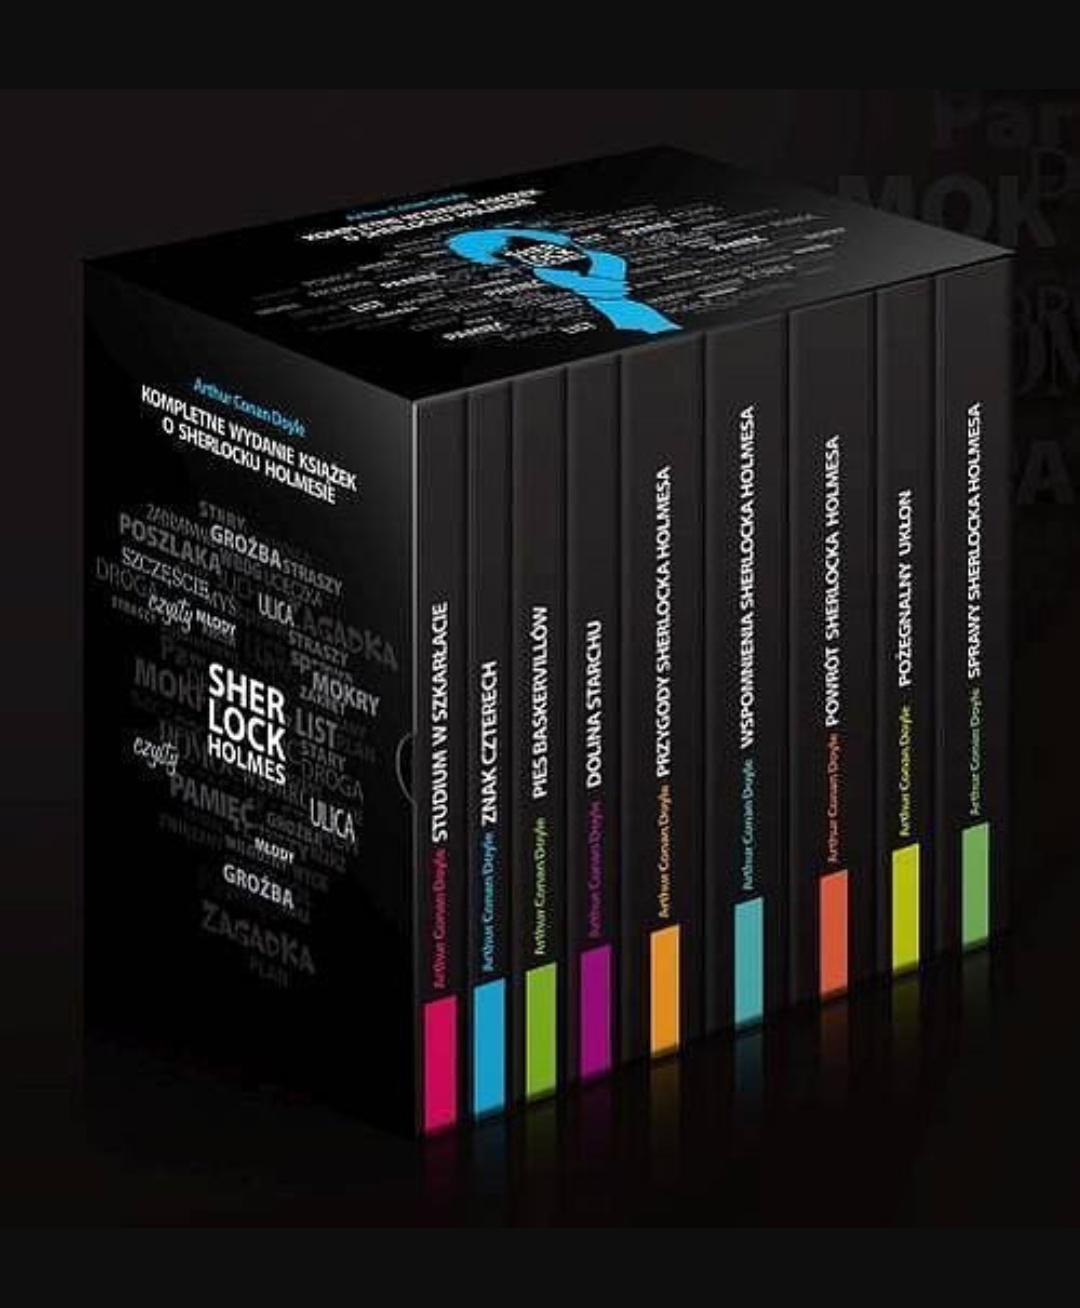 Sherlock Holmes Wydanie Kompletne - 9 książek